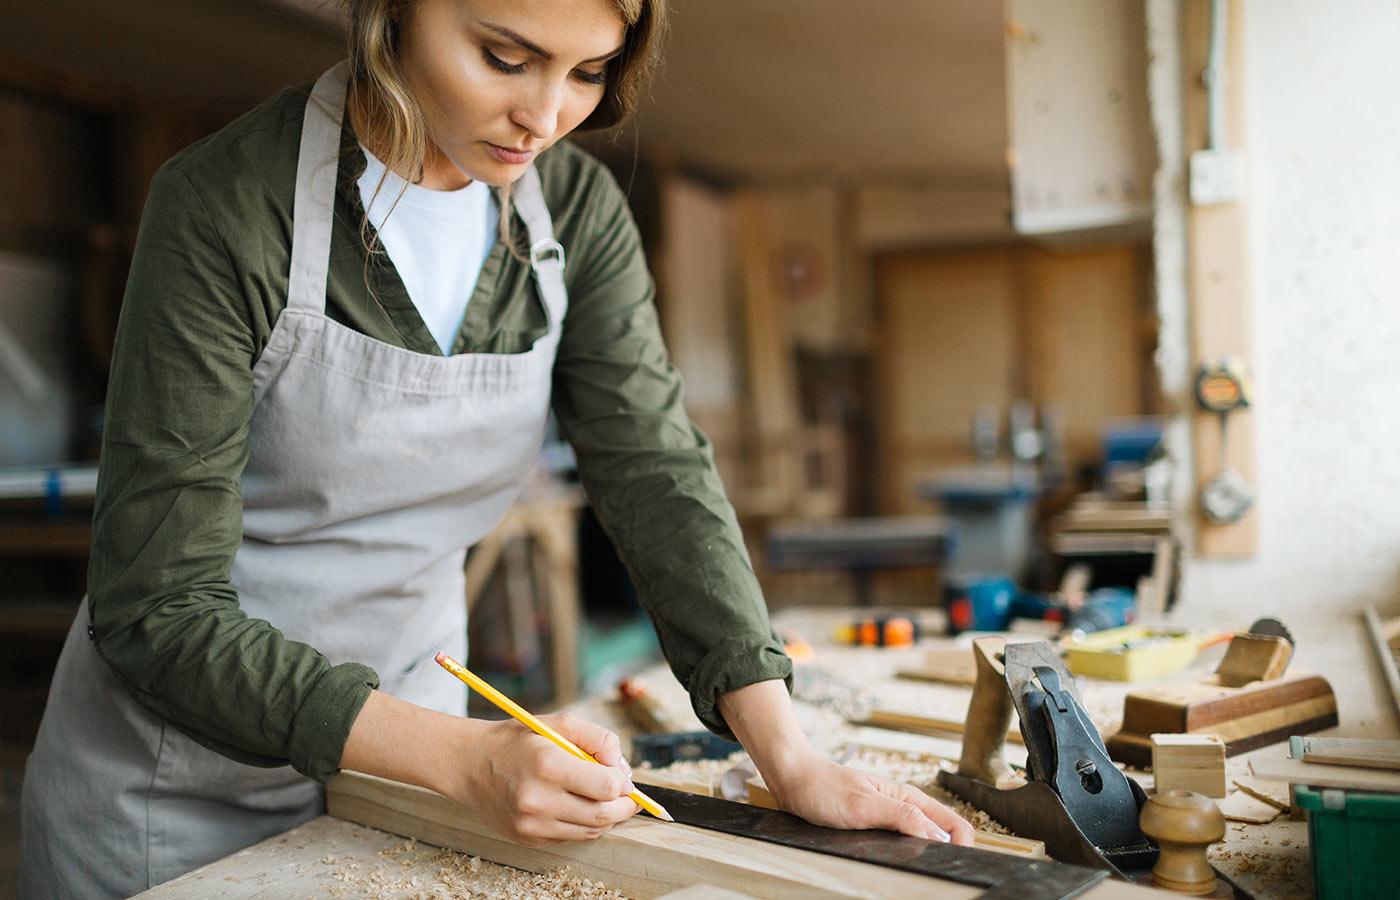 PMI artigiani